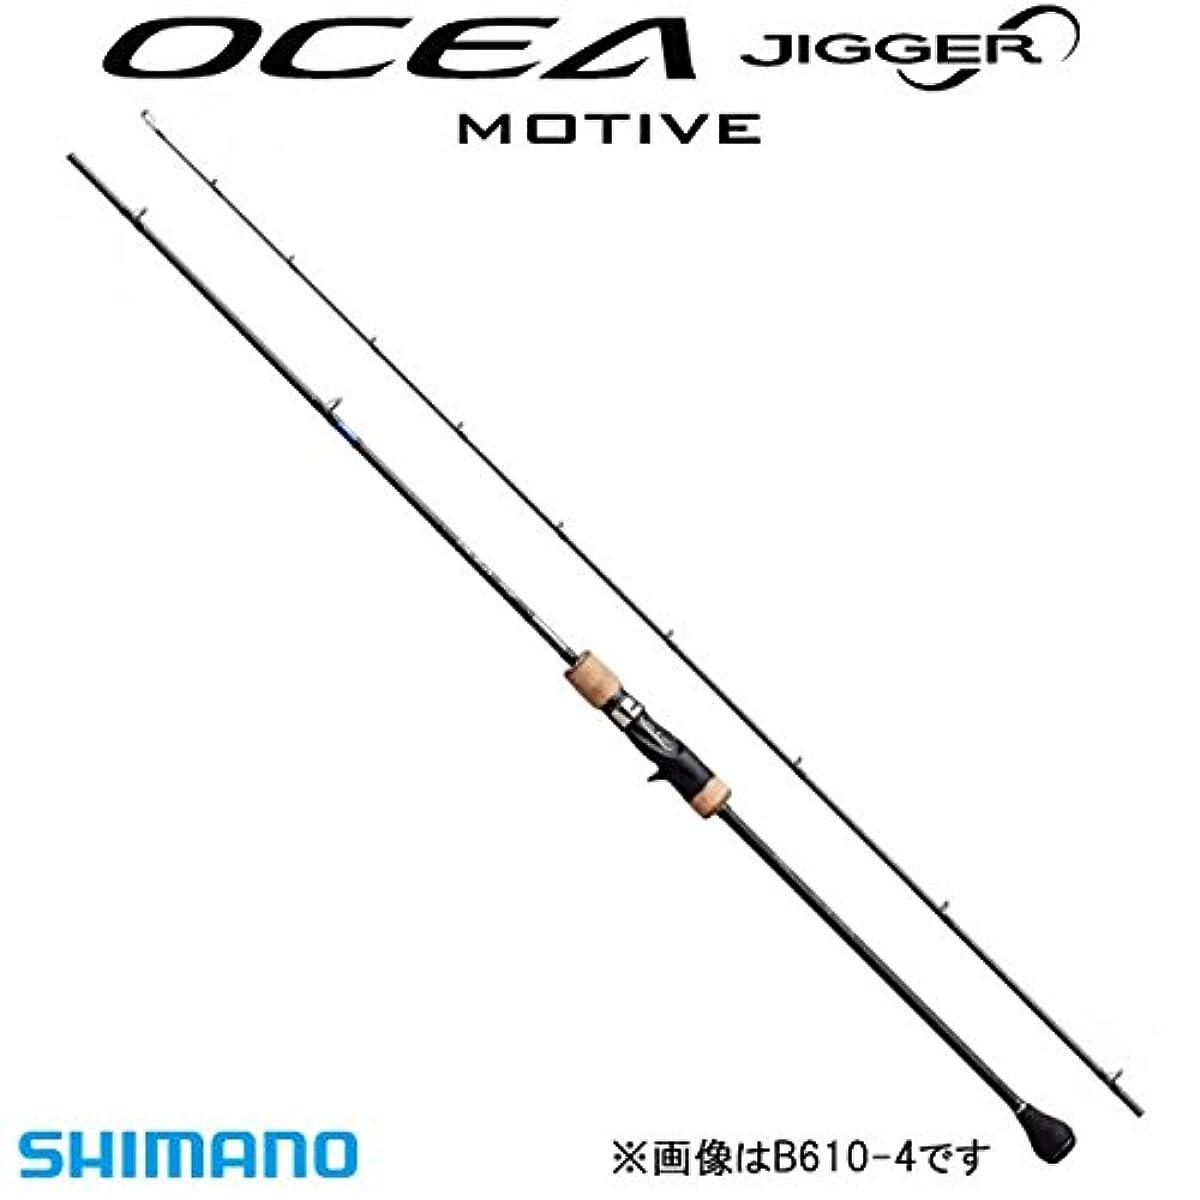 [해외] 시마노 오시어 더가∞ 인피니티 모티브 B610-2